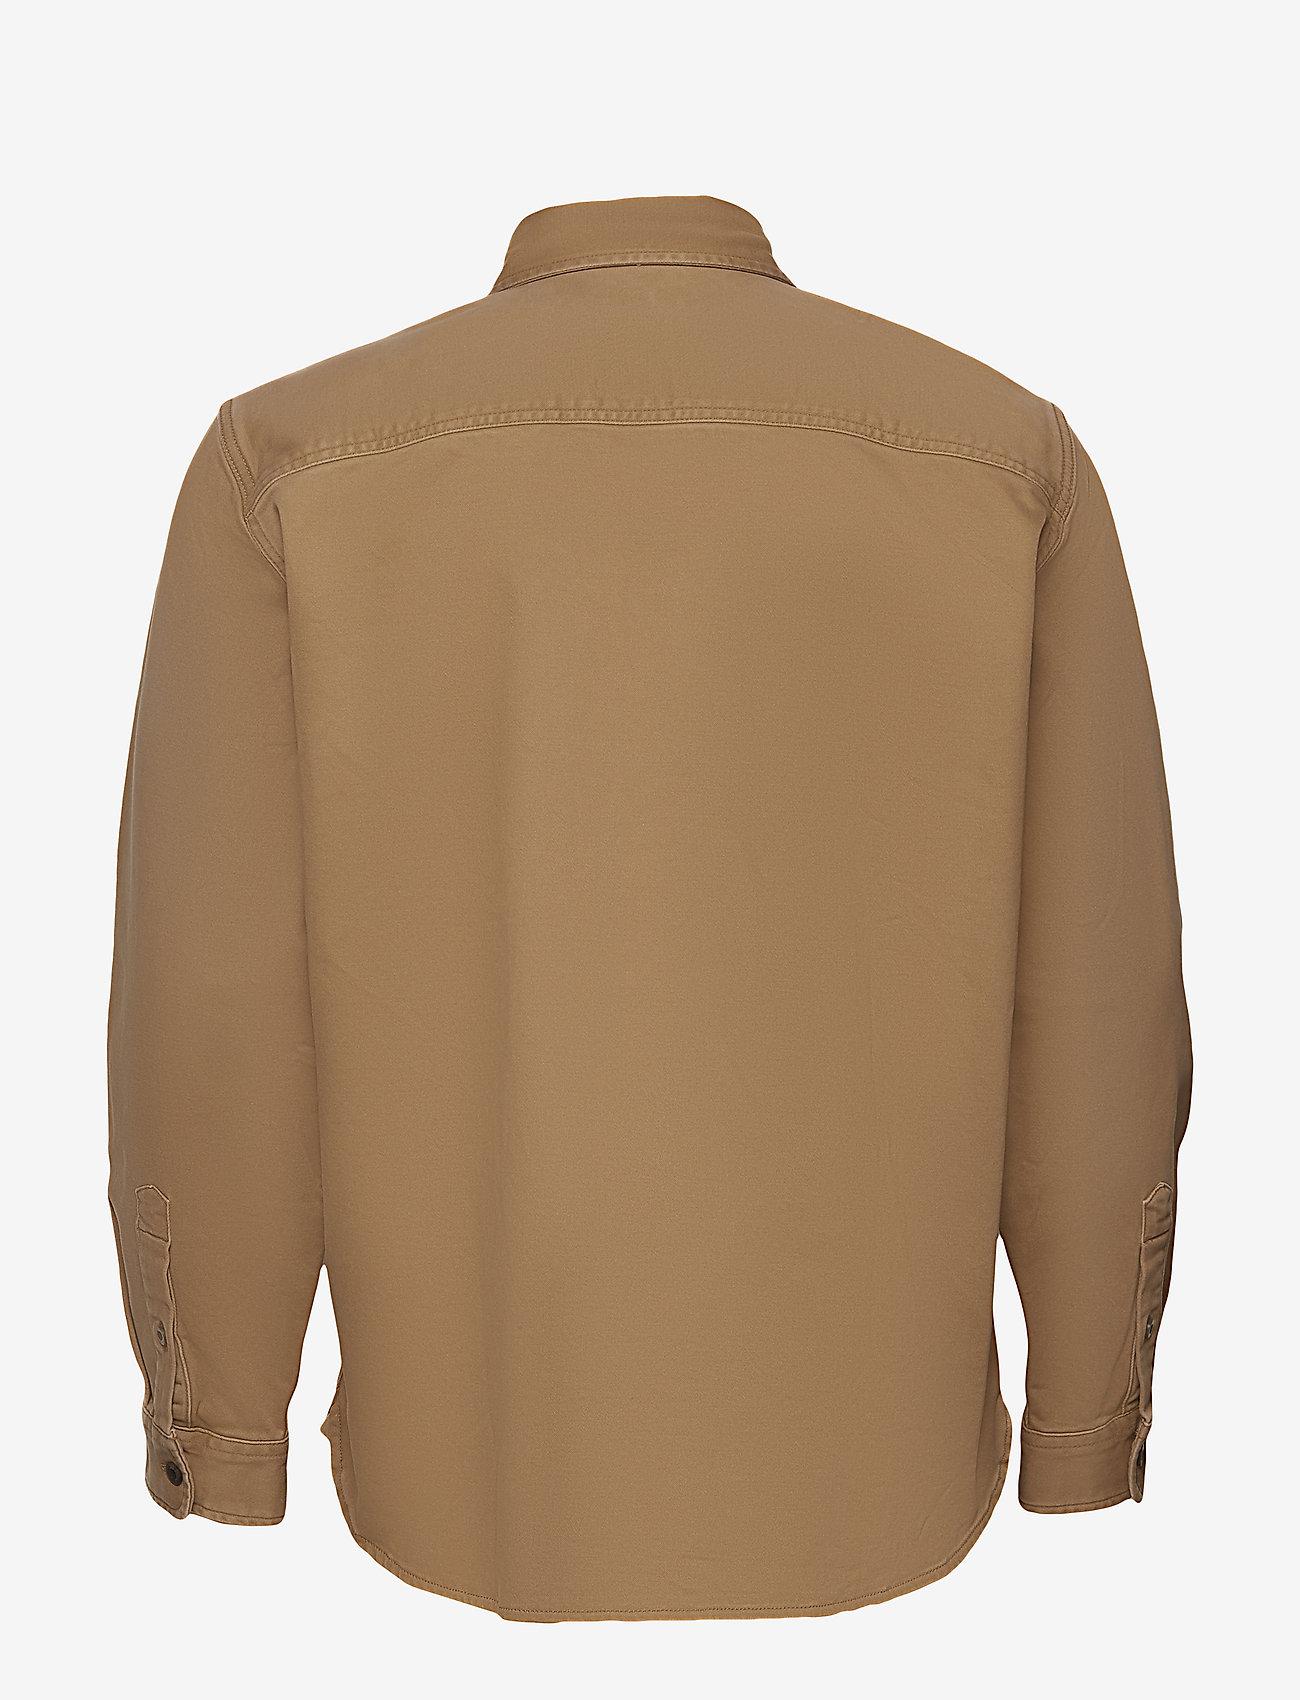 GAP Lightweight Shirt Jacket - Jakker og frakker KHAKI TWILL - Menn Klær